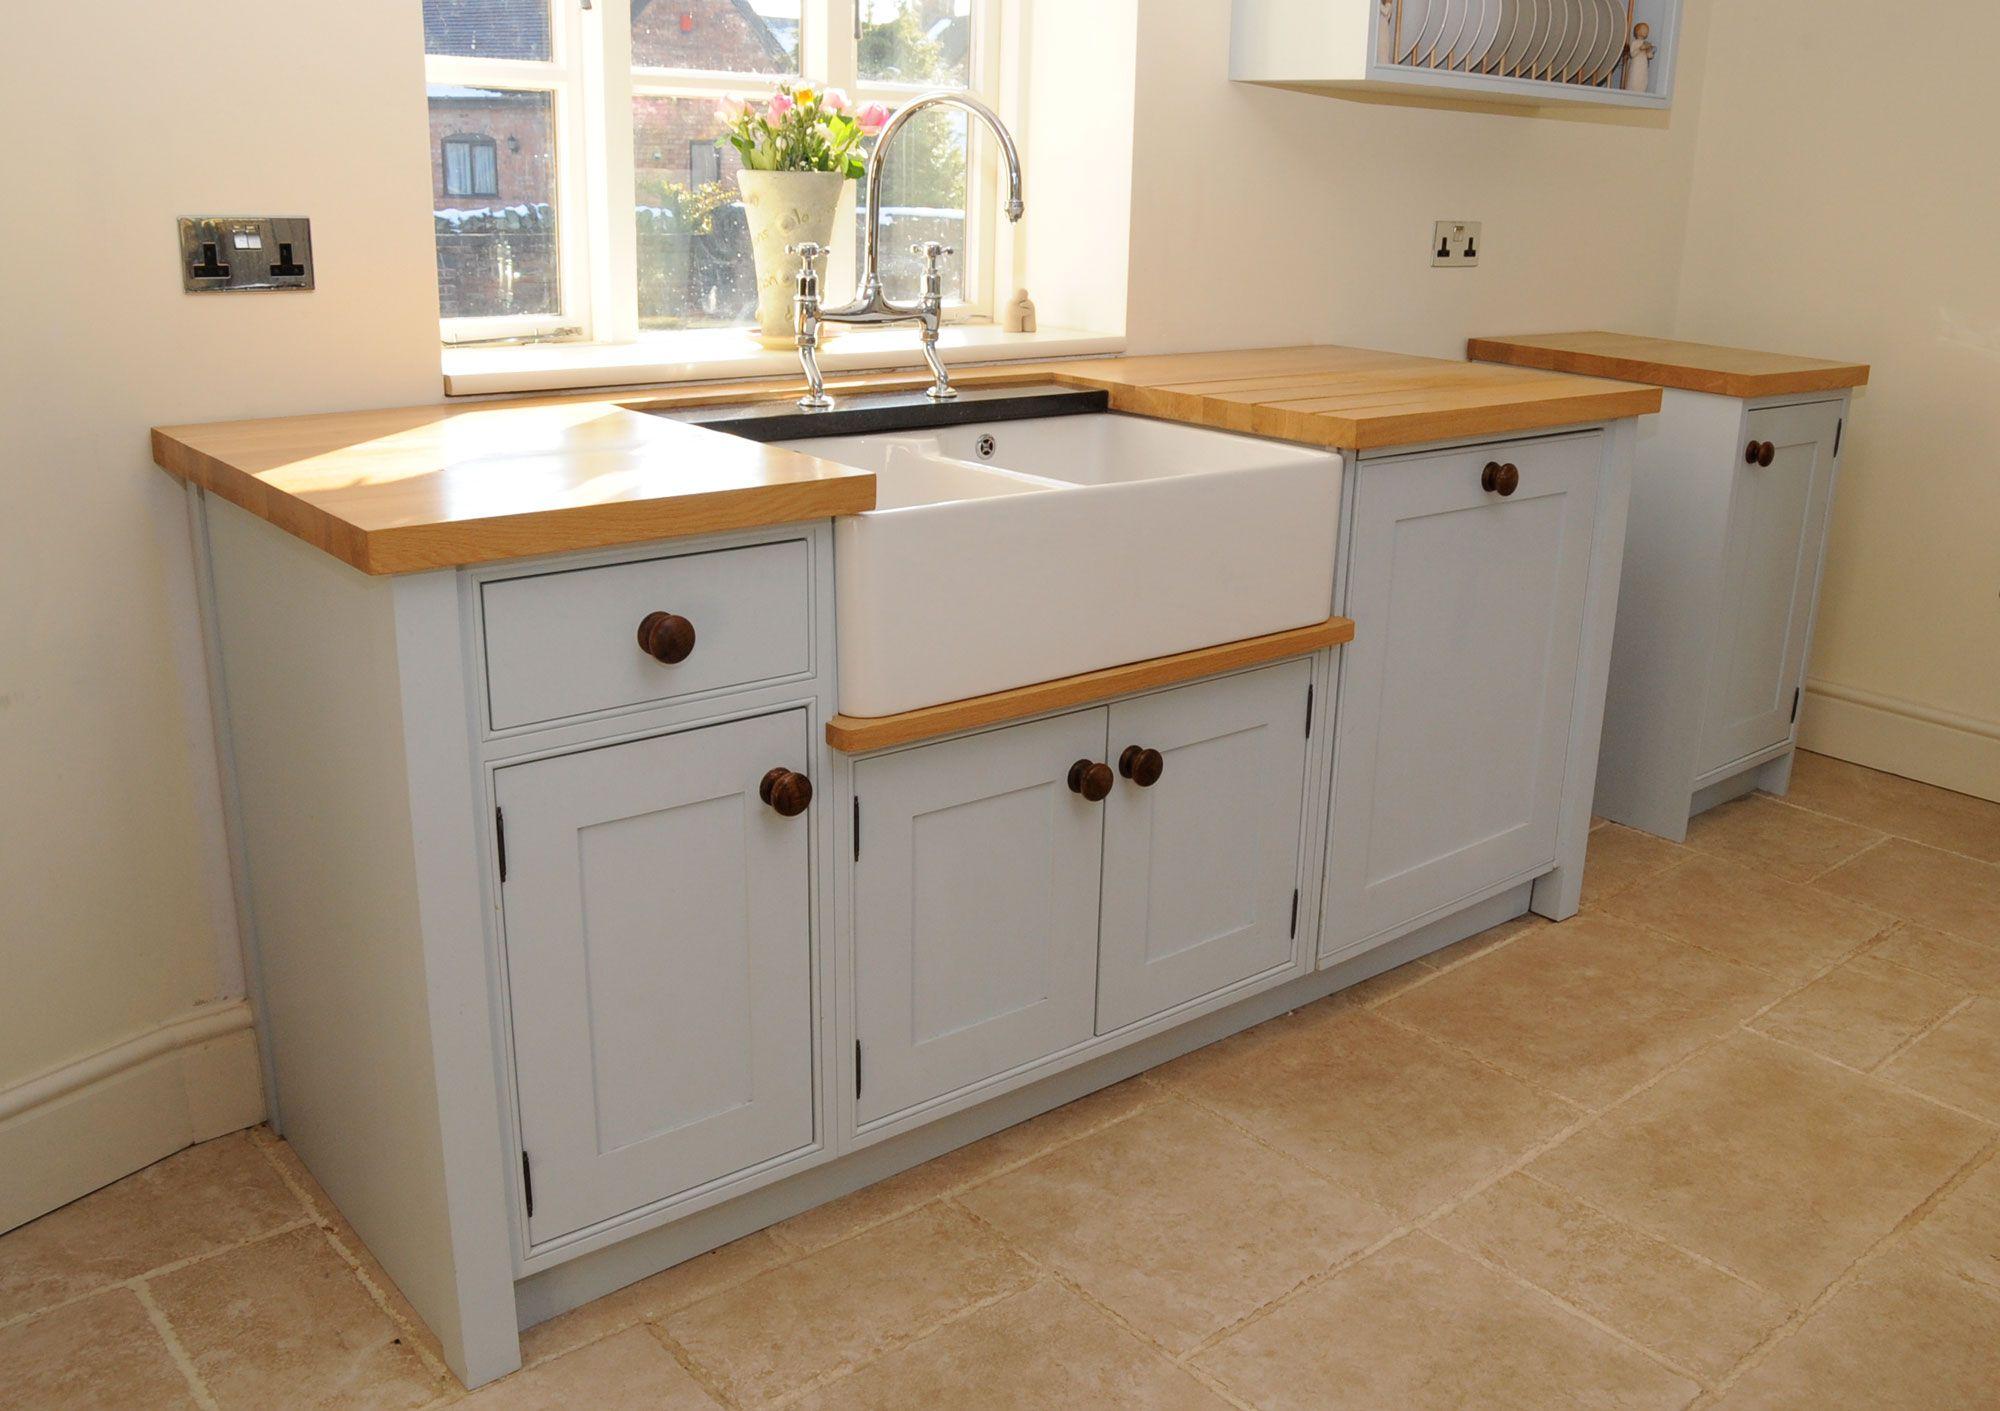 20 Wooden Free Standing Kitchen Sink Free Standing Kitchen